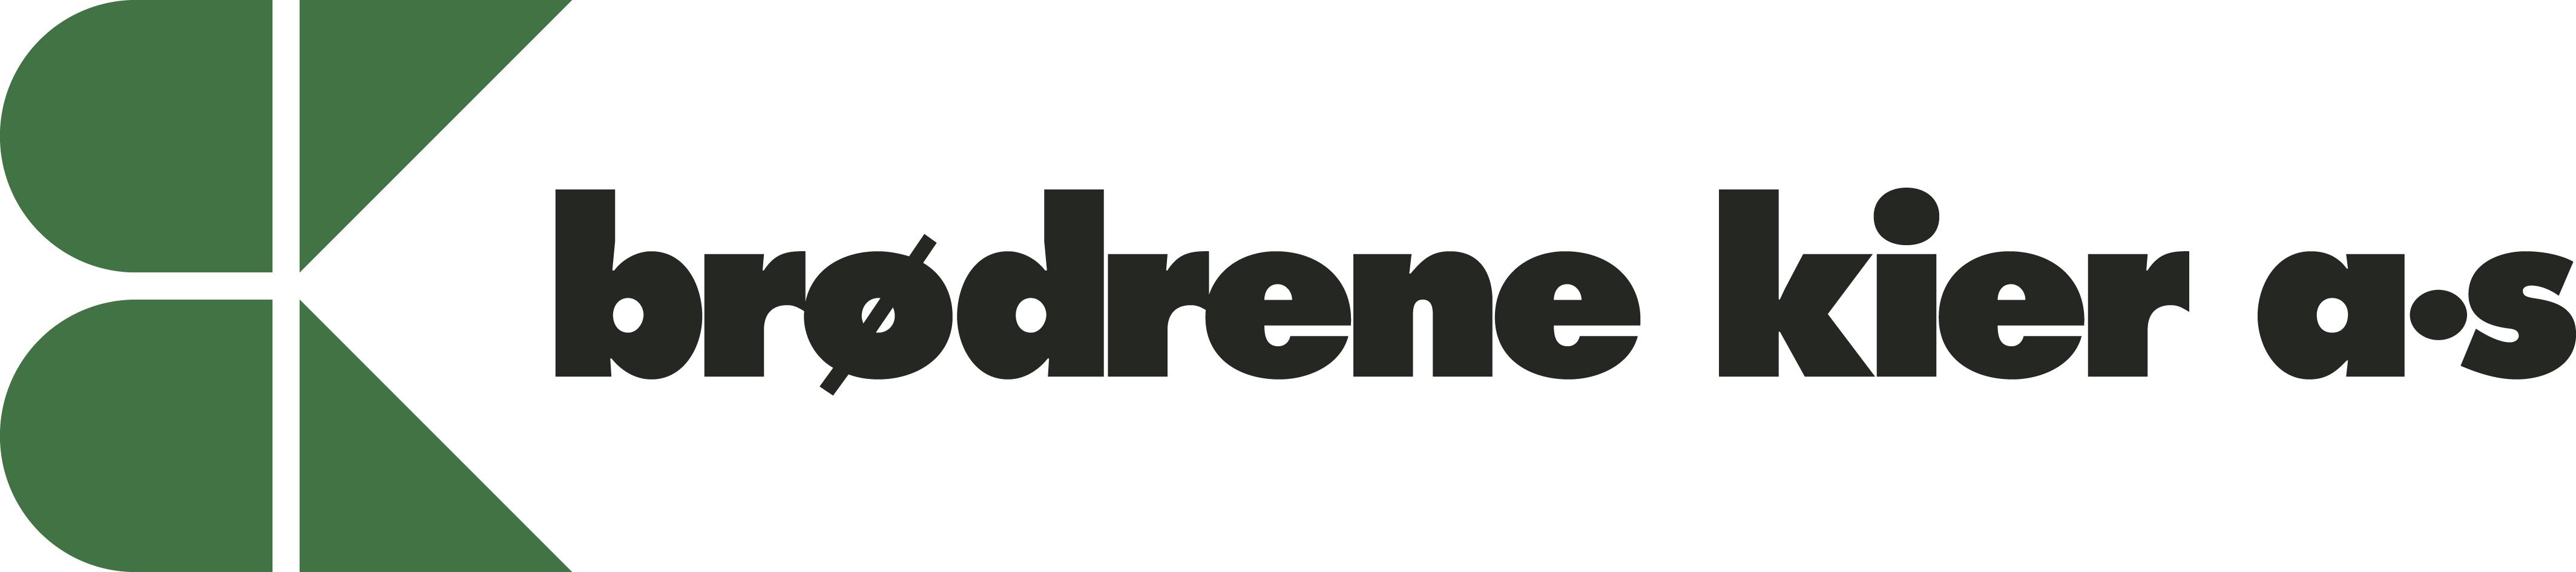 Brødrene Kier logo